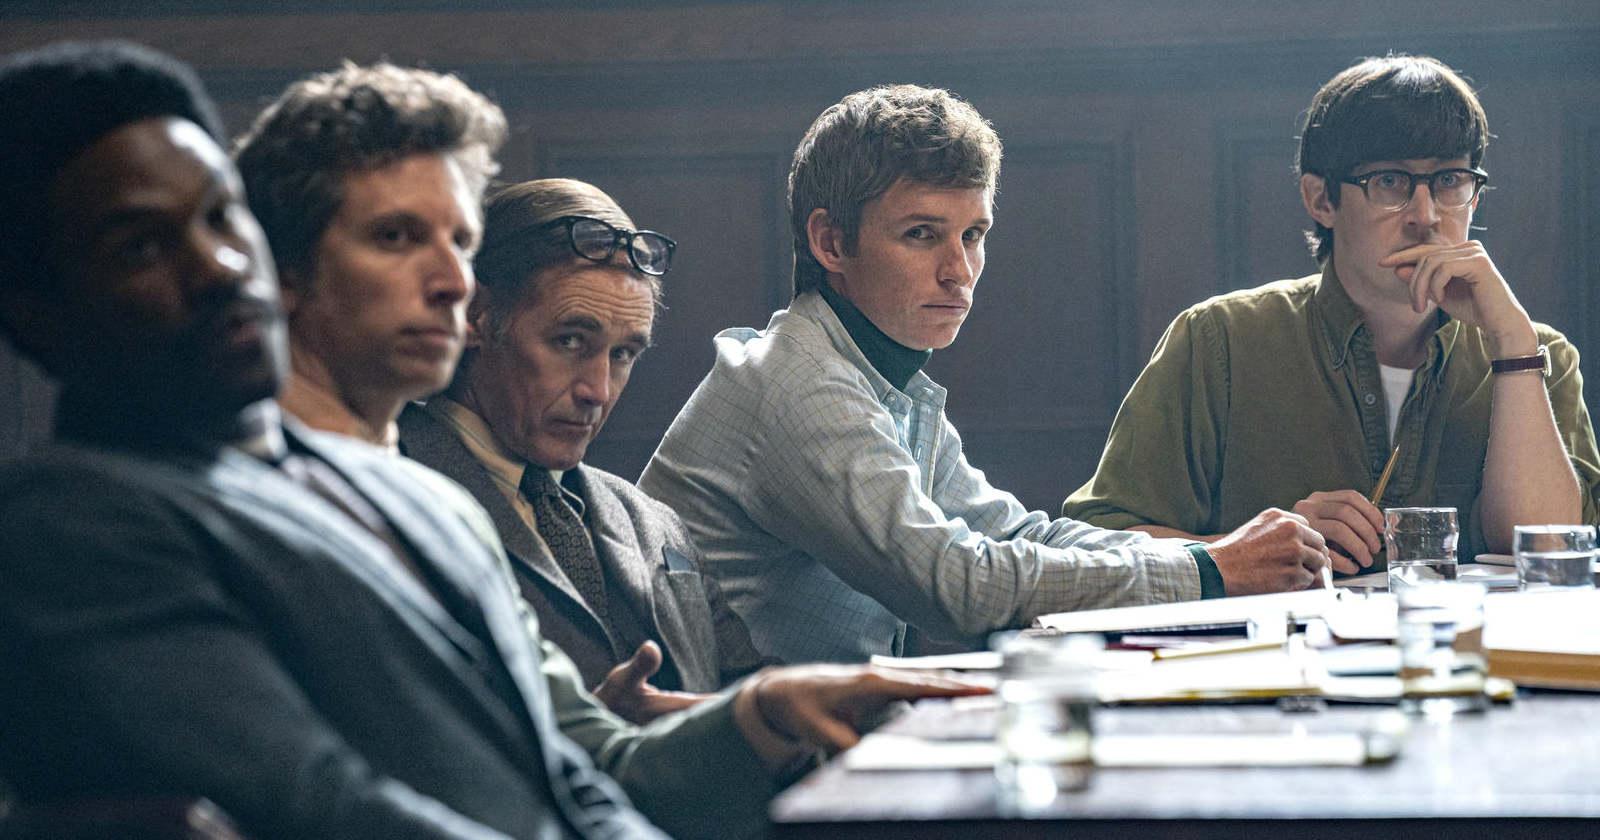 El Juicio de los 7 de Chicago: la película basada en una historial real y con un elenco de lujo